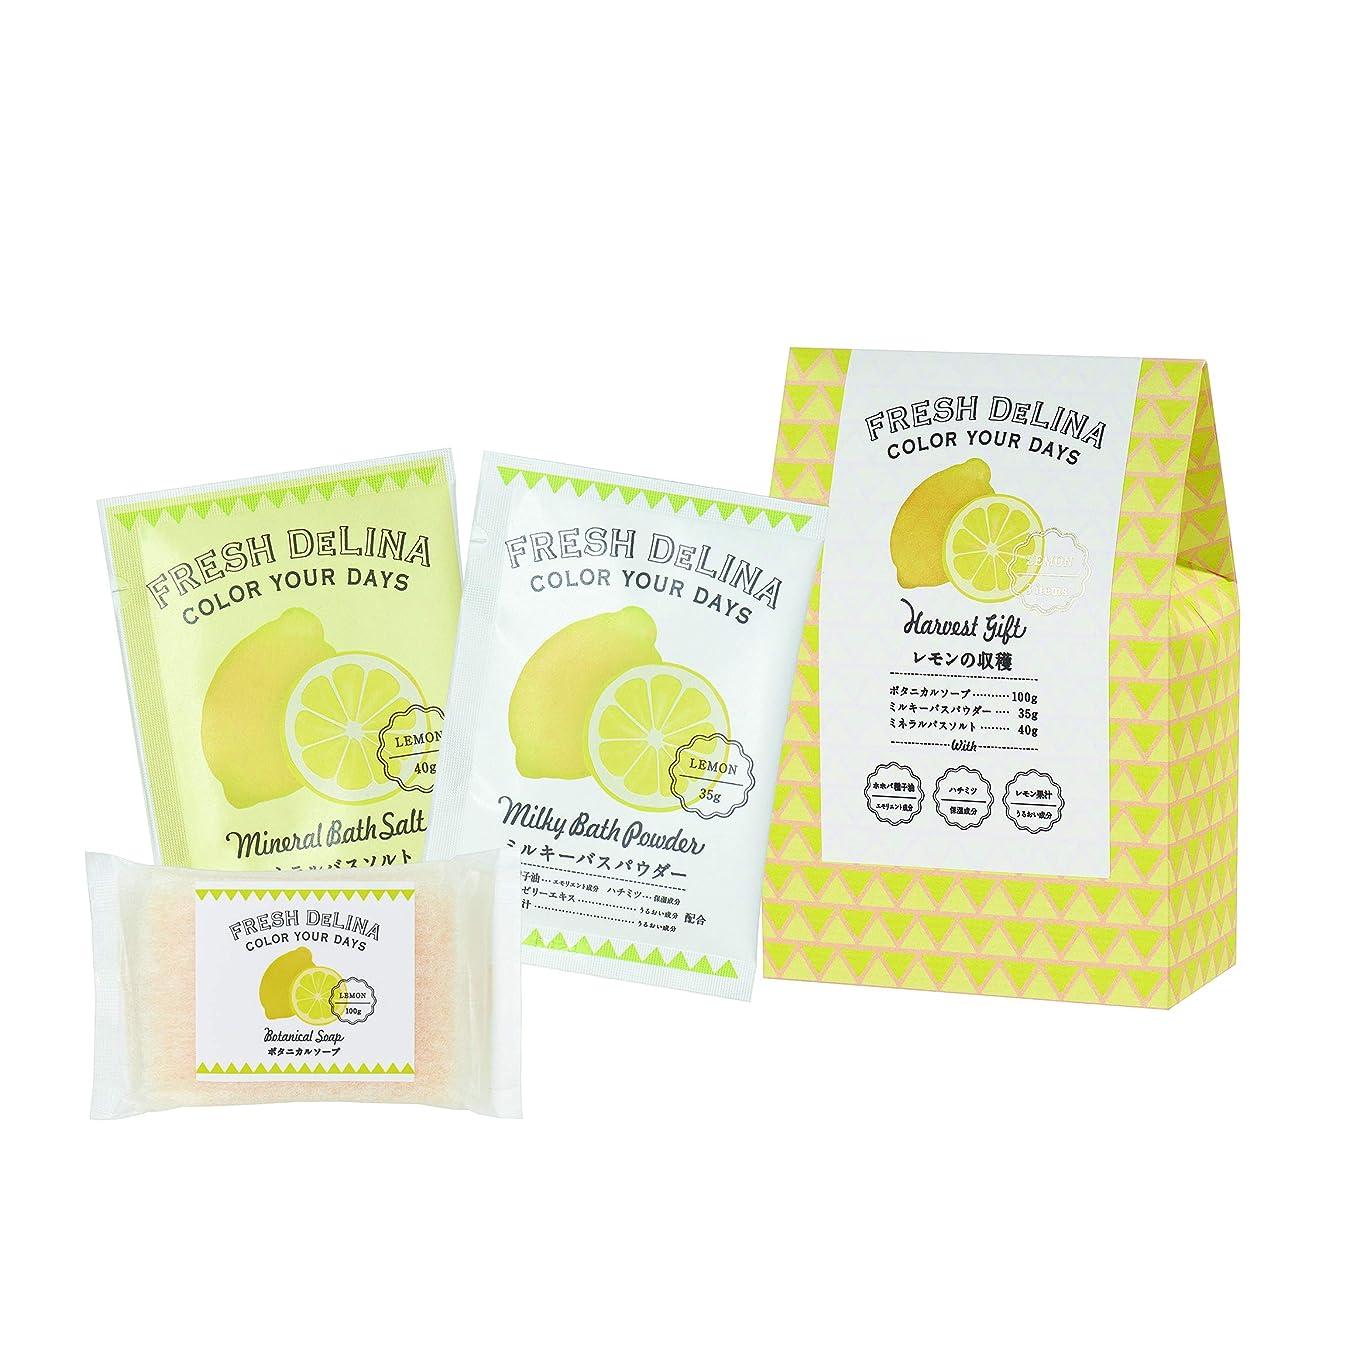 干渉する驚くばかりに対応フレッシュデリーナ ハーベストギフト レモン (ミルキバスパウダー35g、ミネラルバスソルト40g、ボタニカルソープ100g 「各1個」)